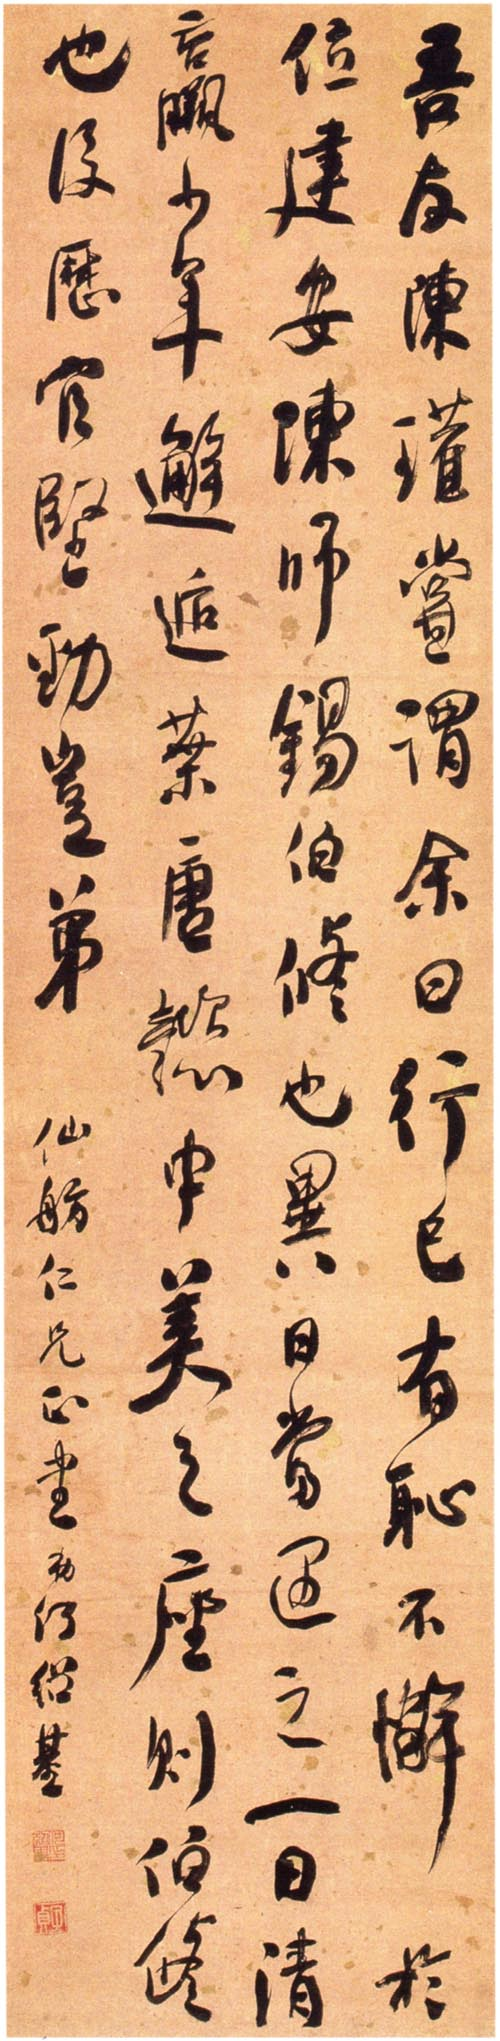 何绍基《行书录李之仪跋语轴》常州博物馆藏